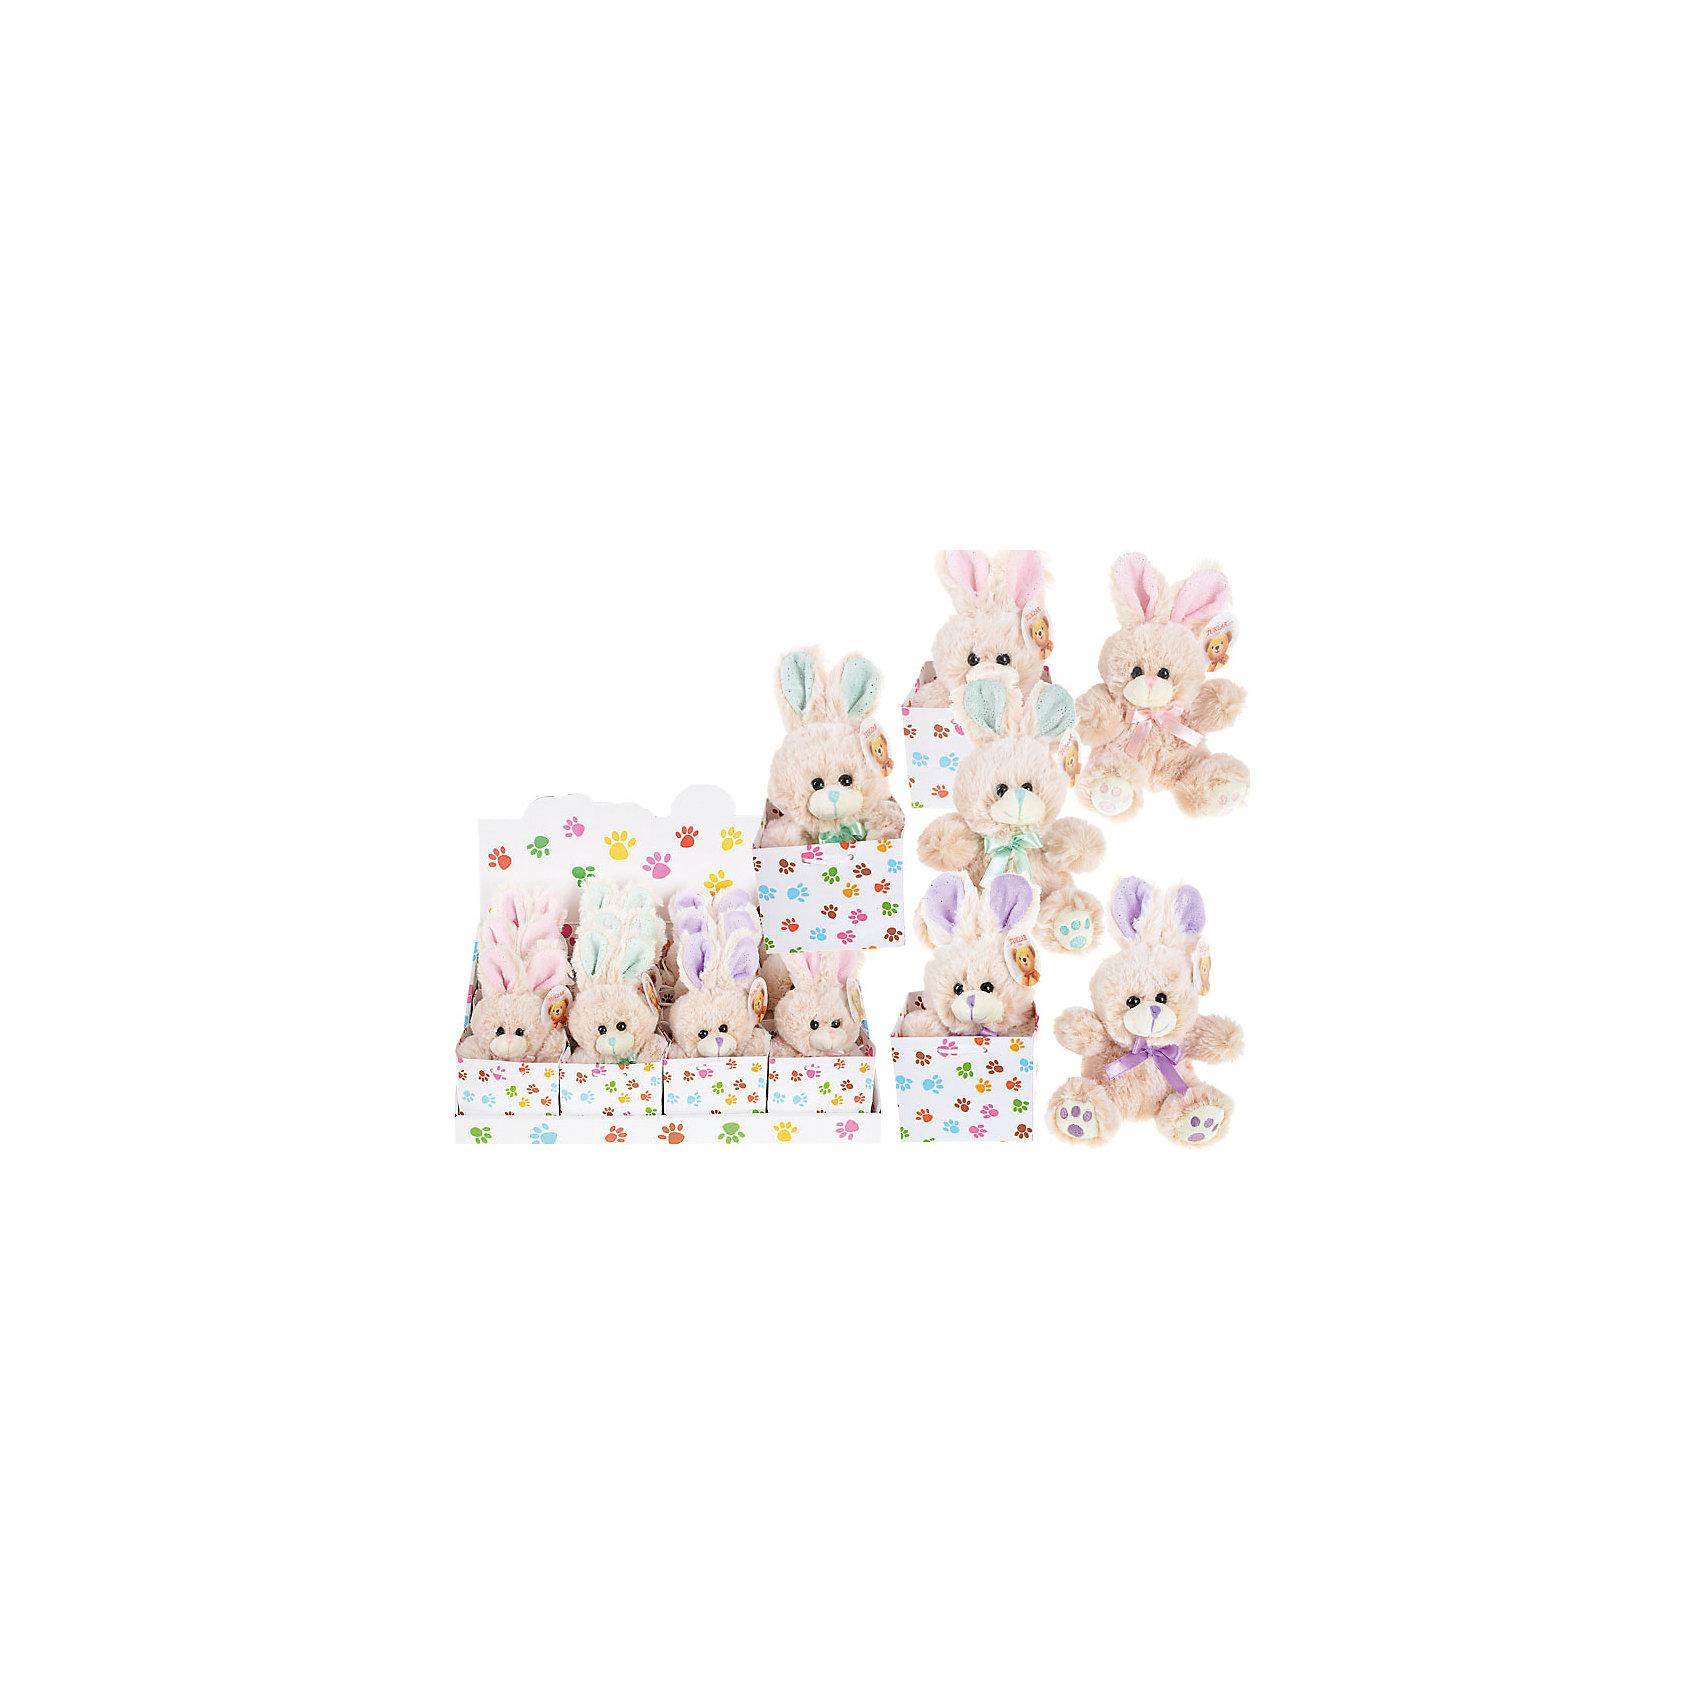 Мягкая игрушка ЗайчикОчаровательный мягкий зайчик - прекрасный подарок на любой праздник. Дети обожают мягкие игрушки и всегда будут рады новому плюшевому или меховому другу! Игрушка выполнена из высококачественных экологичных материалов, плотно набита, приятна на ощупь. <br><br>Дополнительная информация:<br><br>- Материал: текстиль, пластик, синтепон.<br>- Размер: 7,5х5х15 см. <br><br>Мягкую игрушку Зайчик можно купить в нашем магазине.<br><br>Ширина мм: 110<br>Глубина мм: 110<br>Высота мм: 170<br>Вес г: 98<br>Возраст от месяцев: 36<br>Возраст до месяцев: 144<br>Пол: Унисекс<br>Возраст: Детский<br>SKU: 4558389